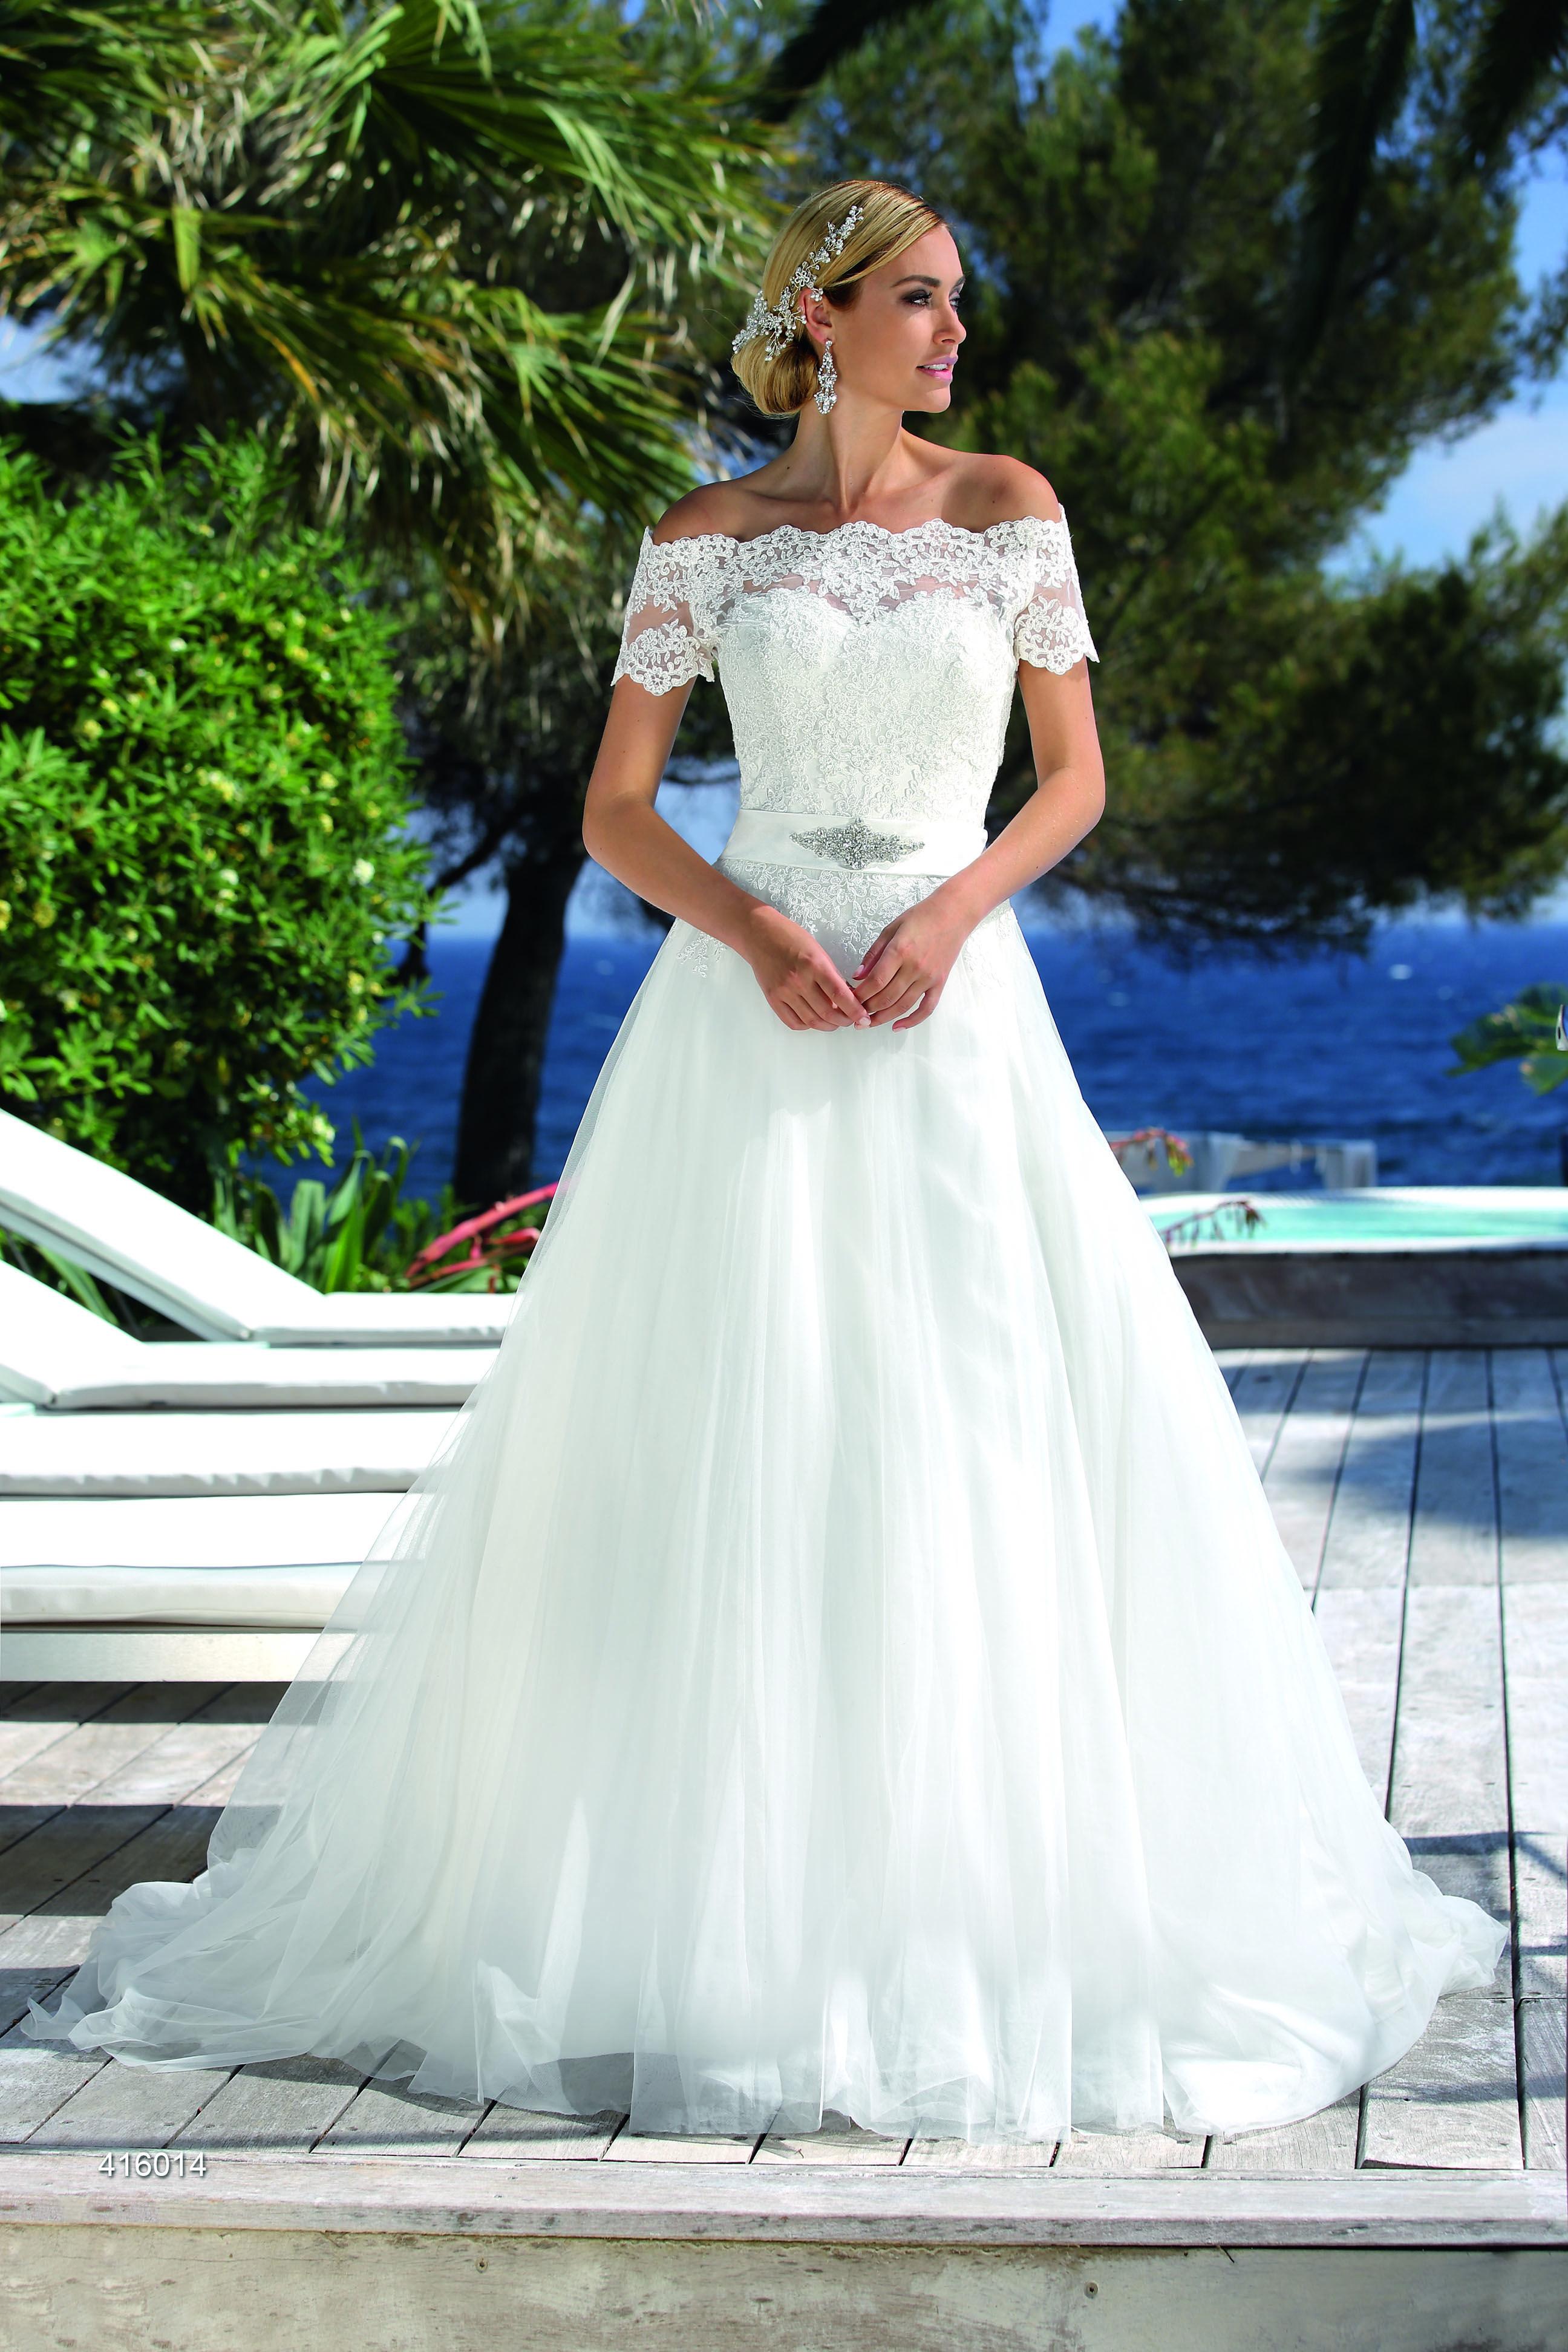 Ladybird Brautkleider 2016 - bei uns erhältlich | Wedding Dresses ...